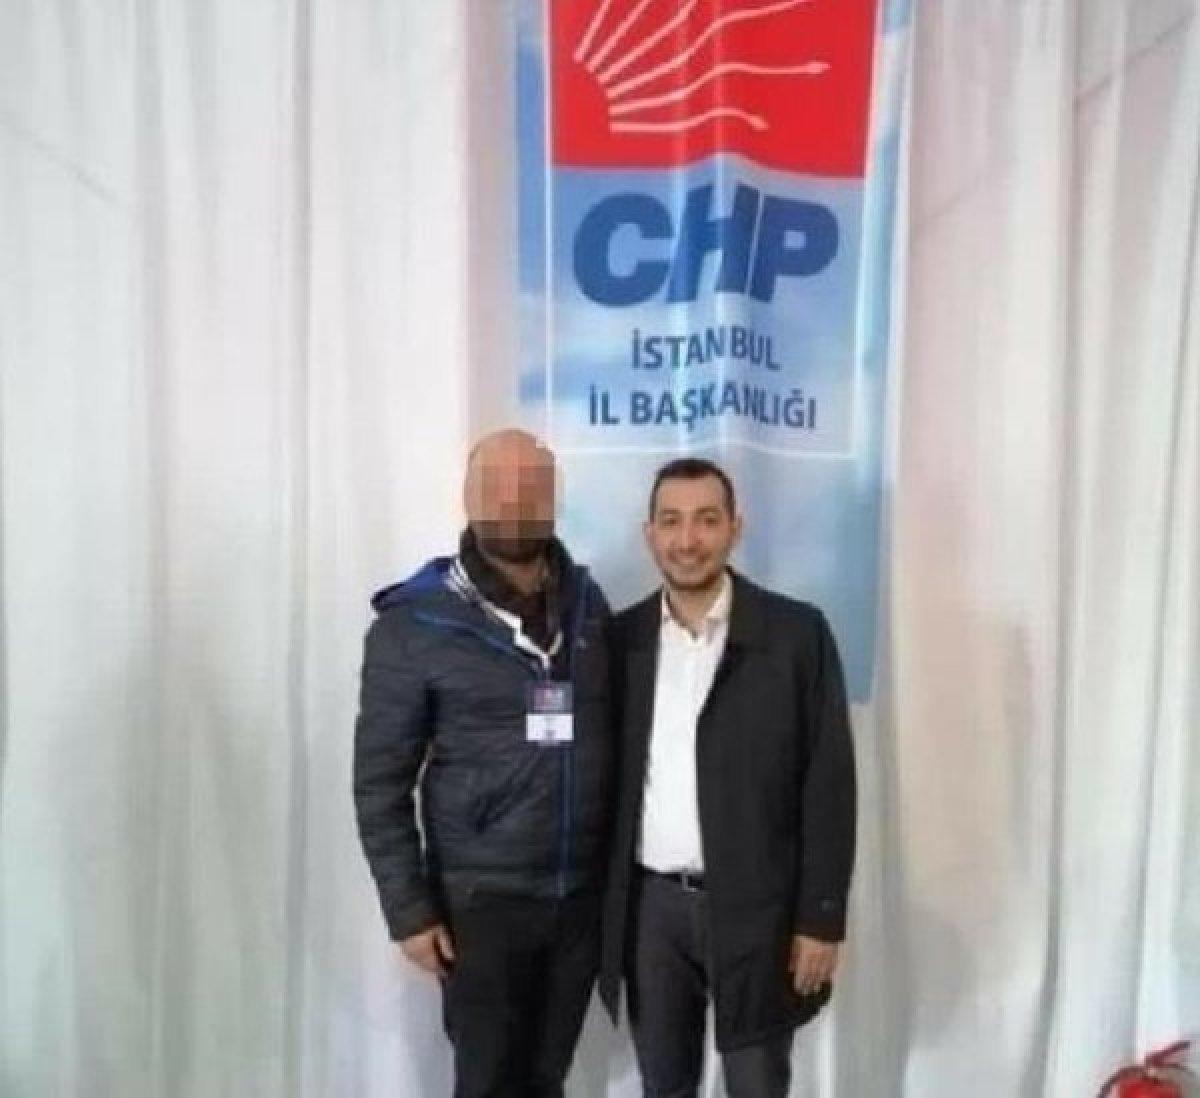 Eski CHP Ümraniye Gençlik Kolları Başkanı nın cinsel saldırı davası #2